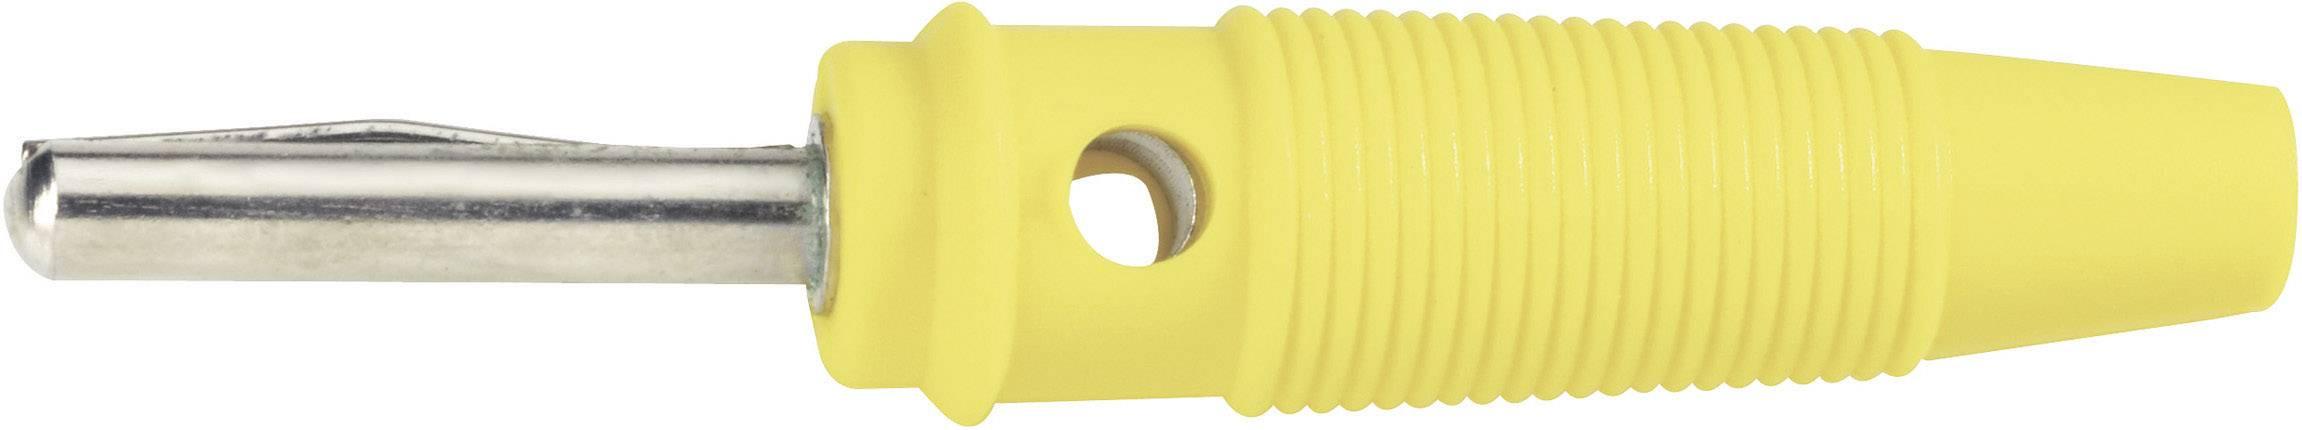 Banánový konektor BKL Electronic 072151-P – zástrčka, rovná, Ø hrotu: 4 mm, žltá, 1 ks